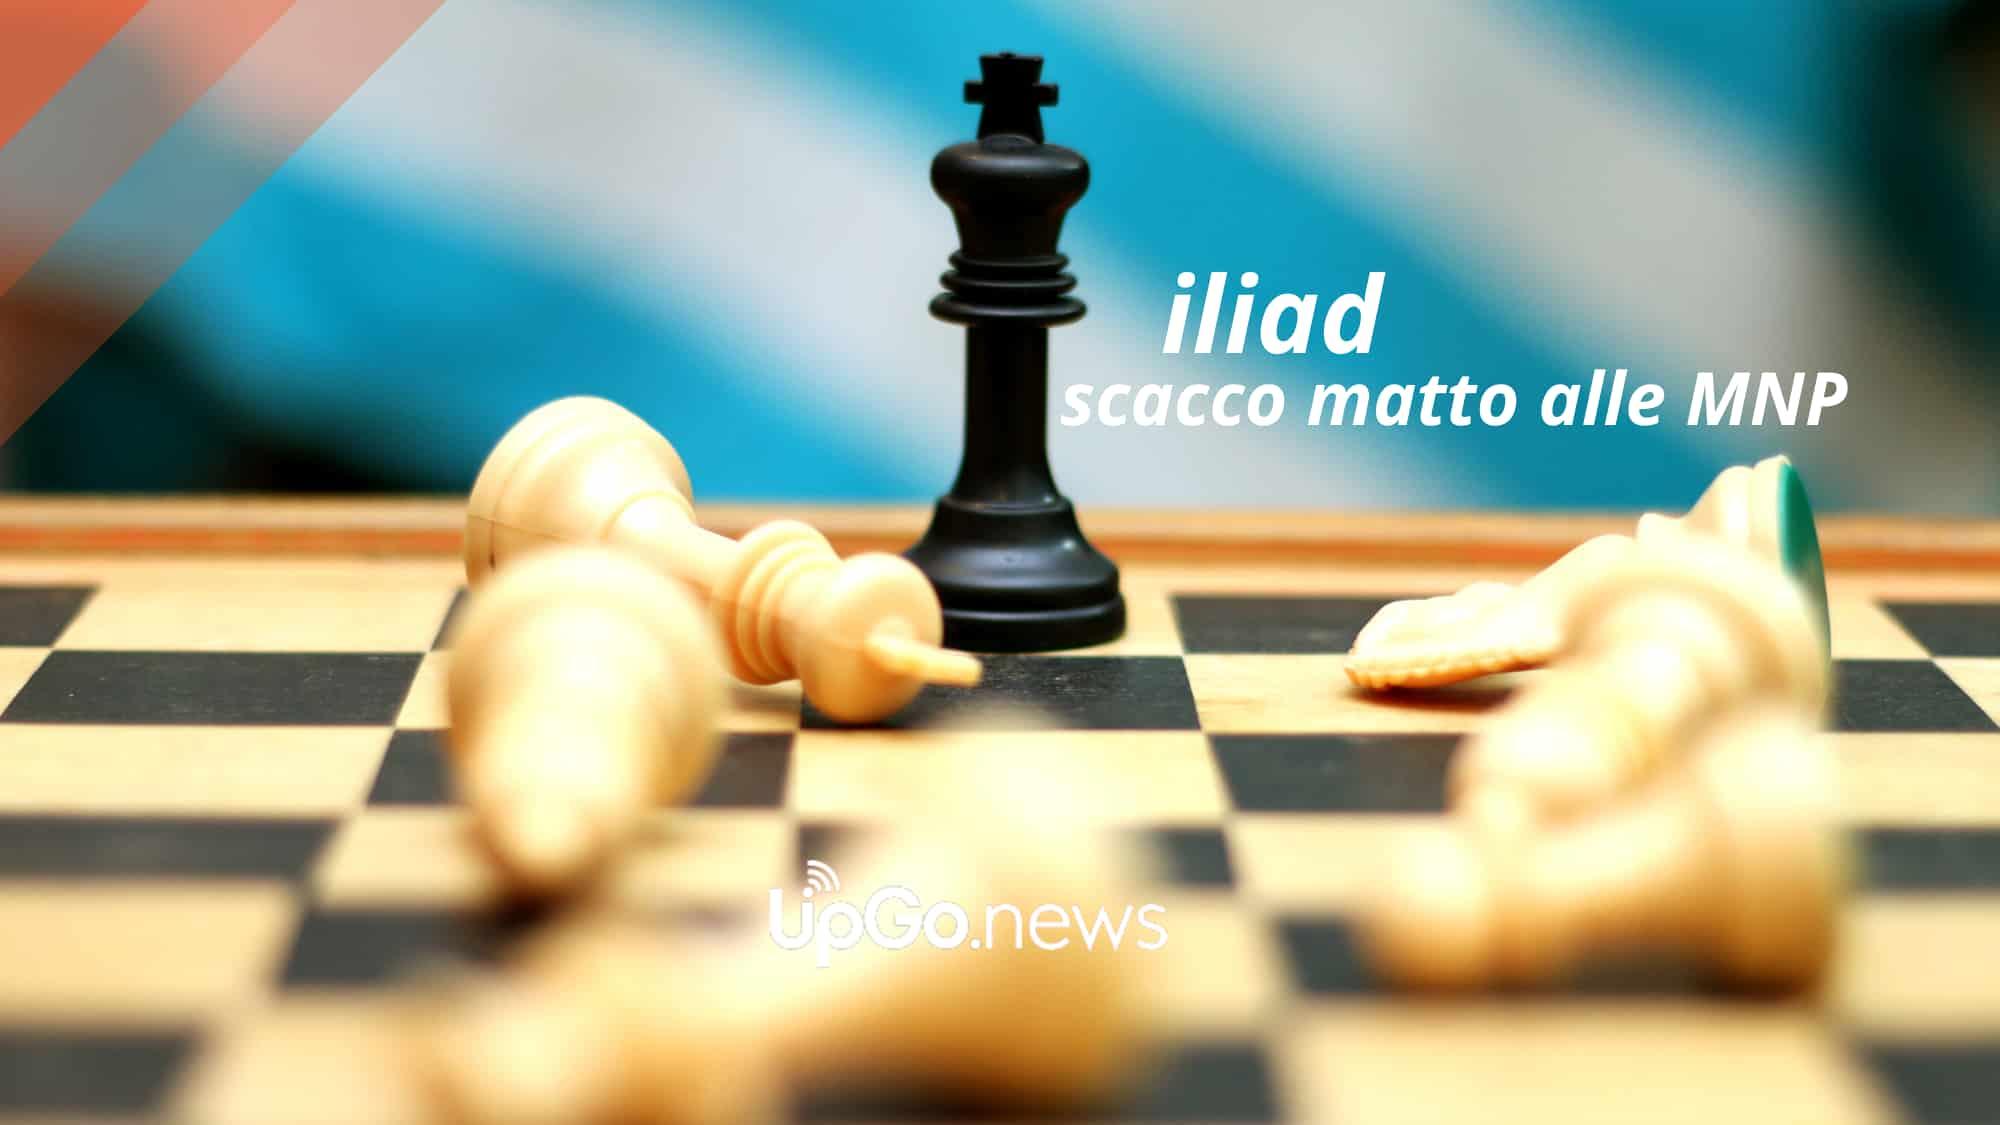 Iliad scacco matto